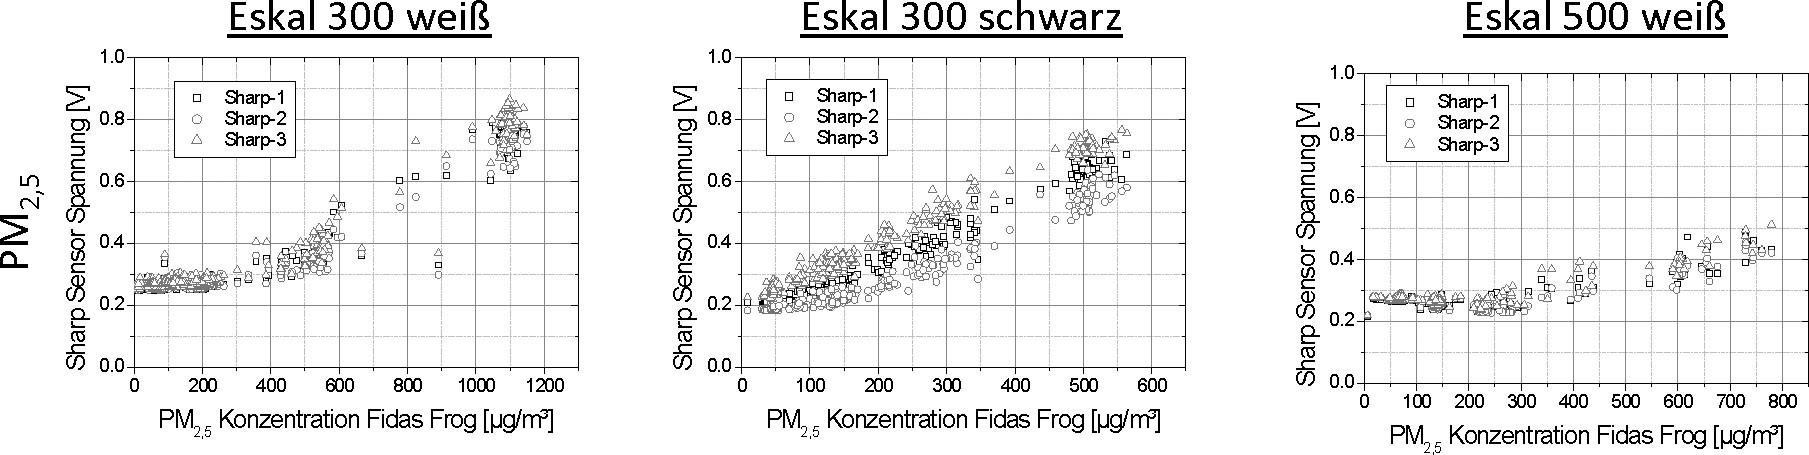 Bild 5. Sensorspannung des Sharp GP2Y1010AU0F als Funktion der mit dem Fidas Frog gemessenen PM2,5-Konzentrationen. Quelle: IUTA/IGF